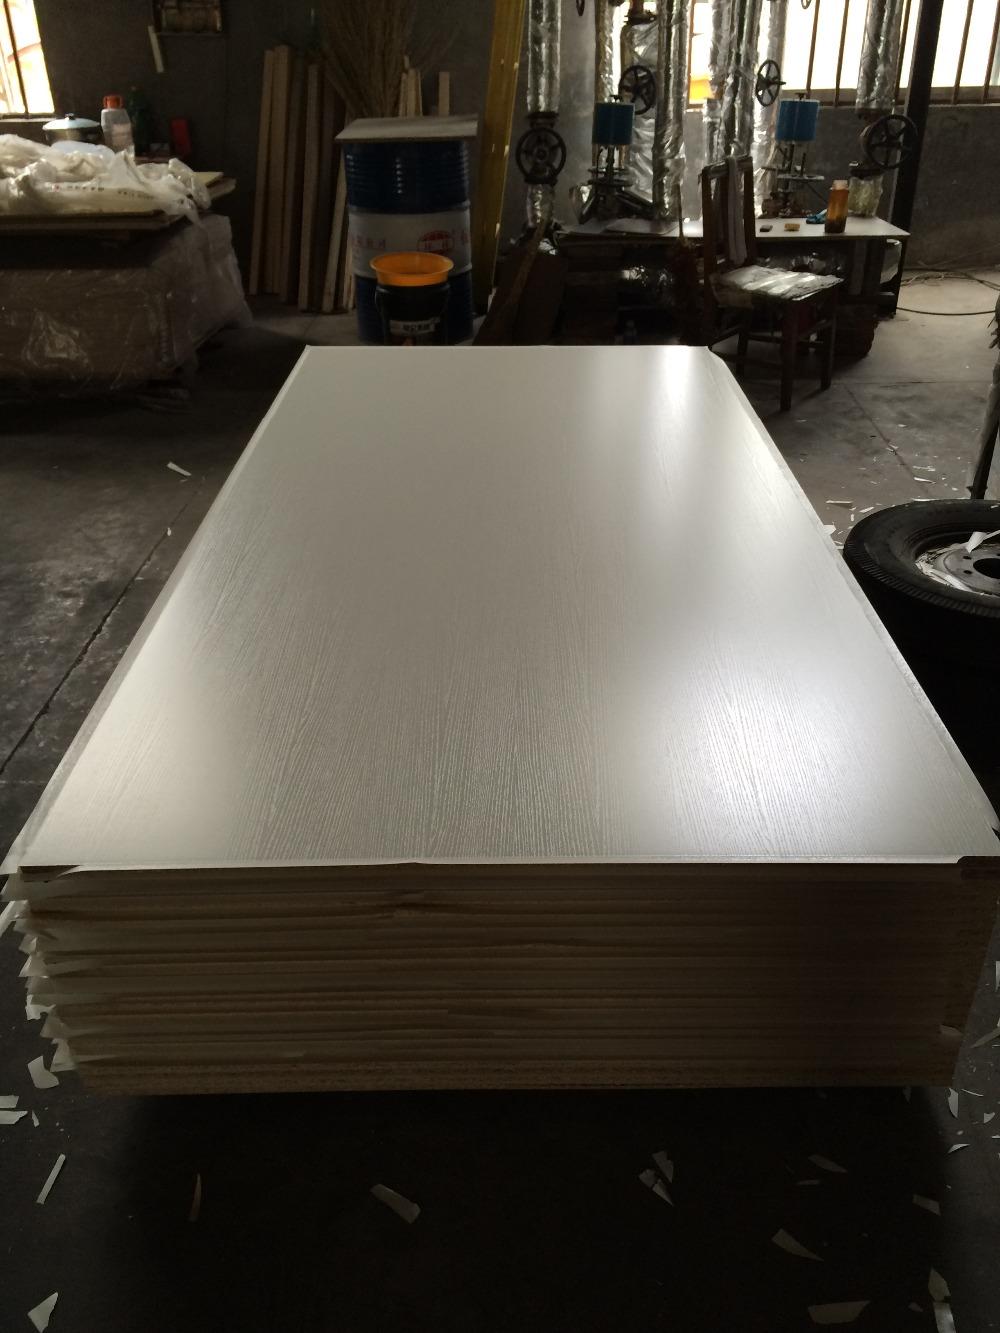 Raw/mobili melamina mdp( di particelle di legno) pannelli di ...